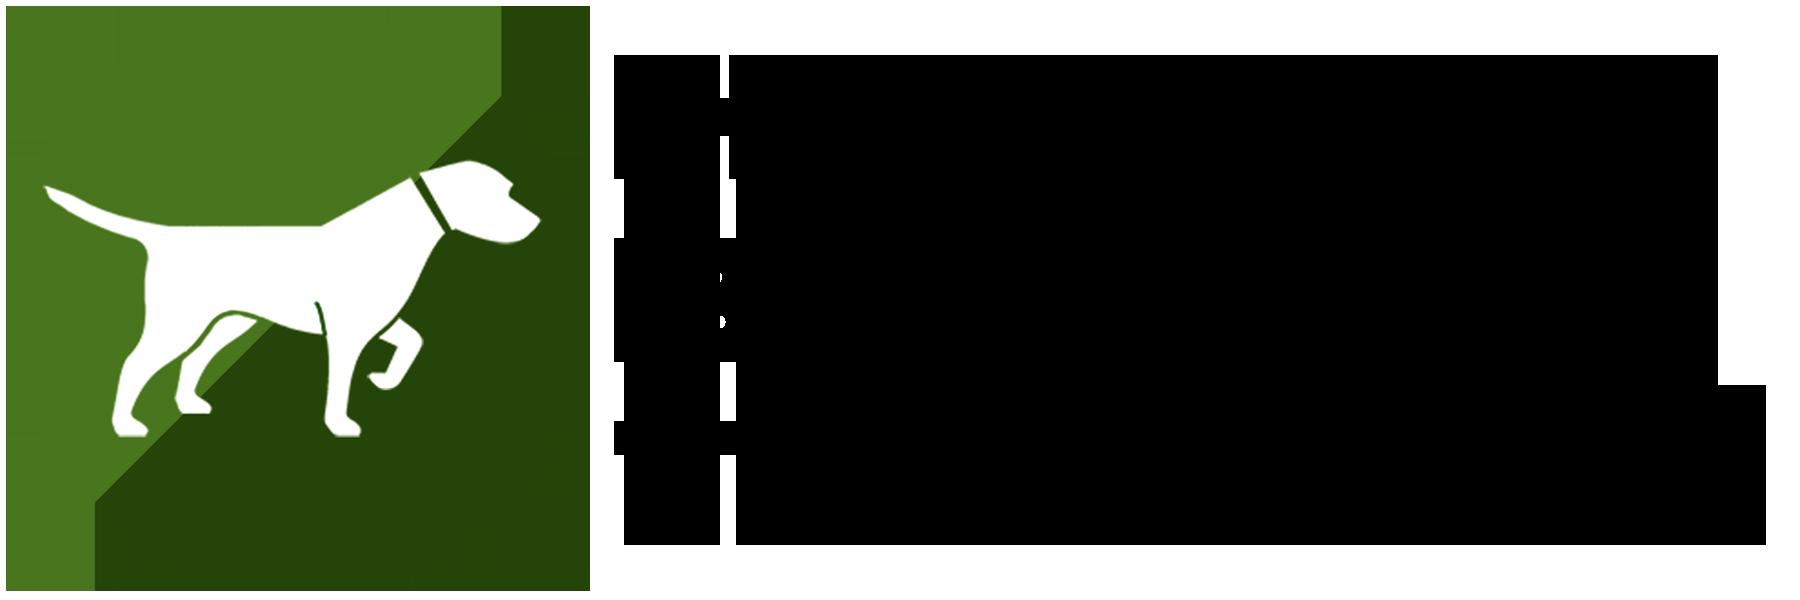 HempBatchTracker Long